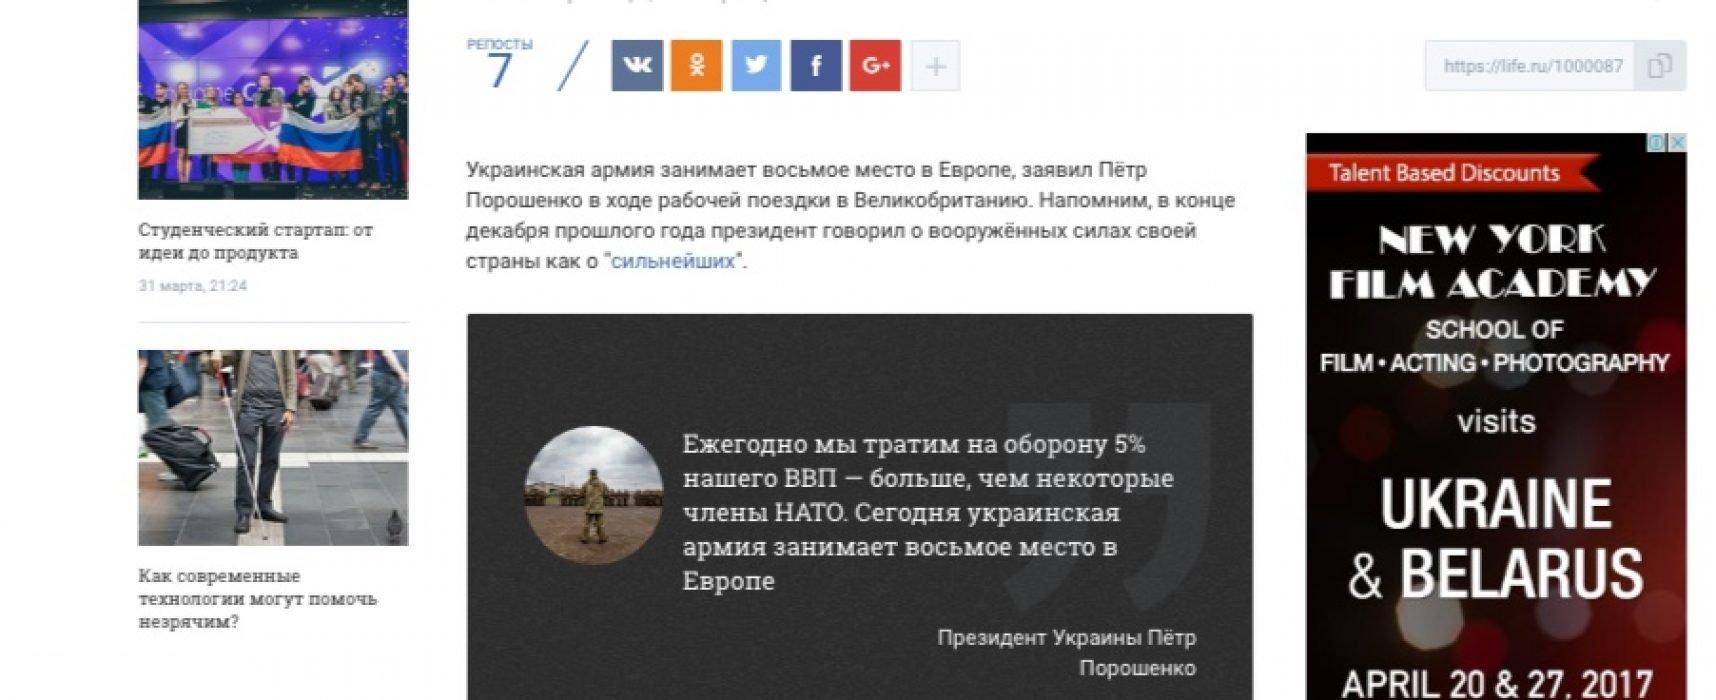 Fake: Präsident Poroschenko erkennt Überlegenheit europäischer Armeen an